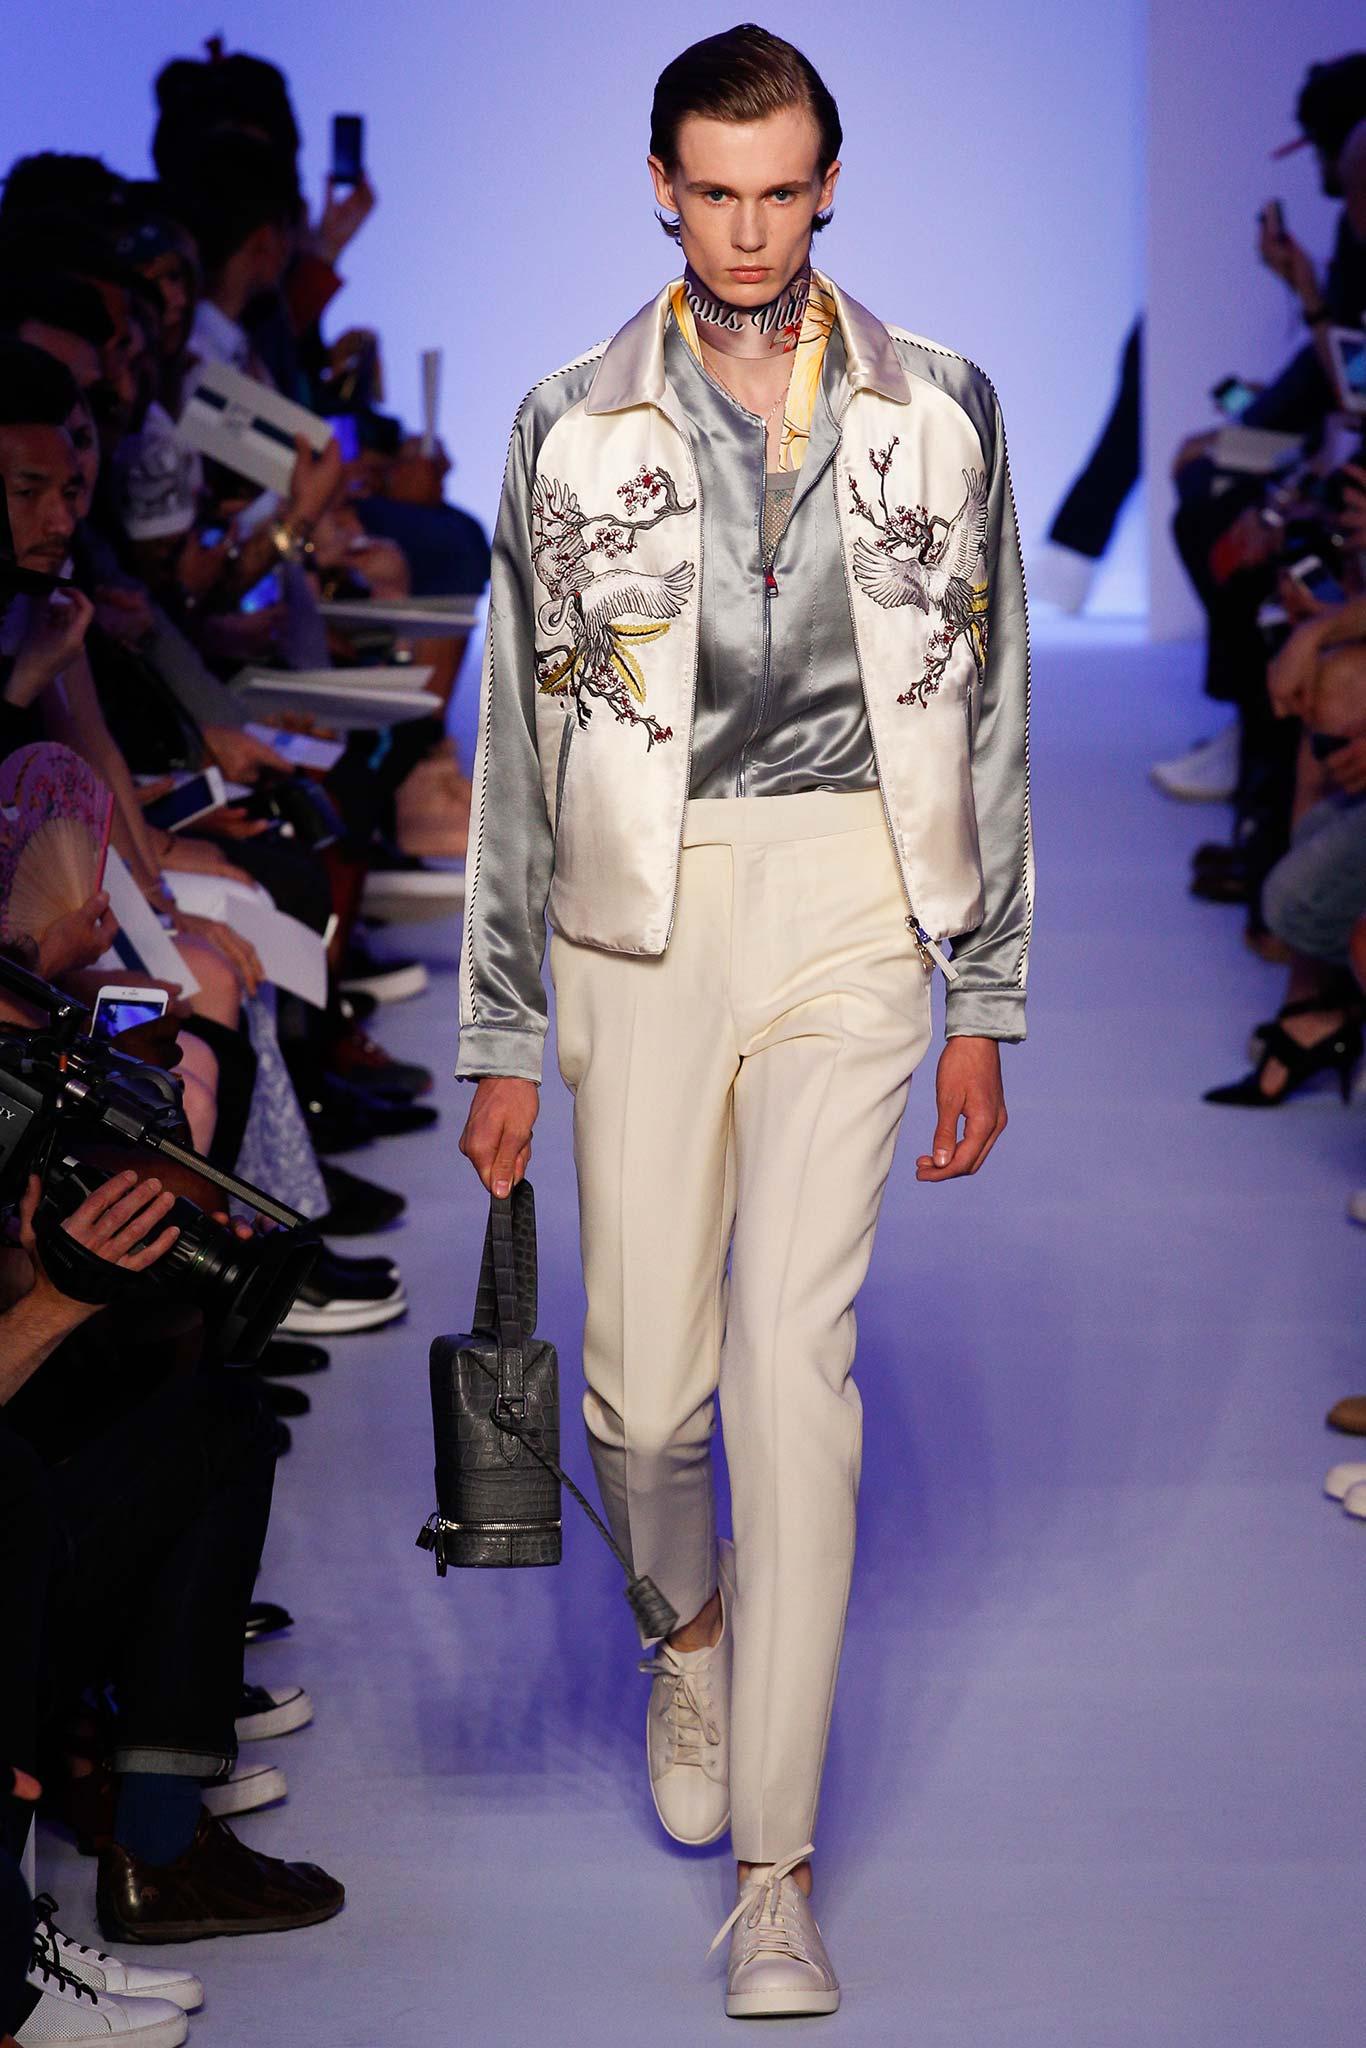 Louis Vuitton 2016 SSが提案するヤンキーファッション×モード。そして来年流行る新しいスカーフの巻き方!